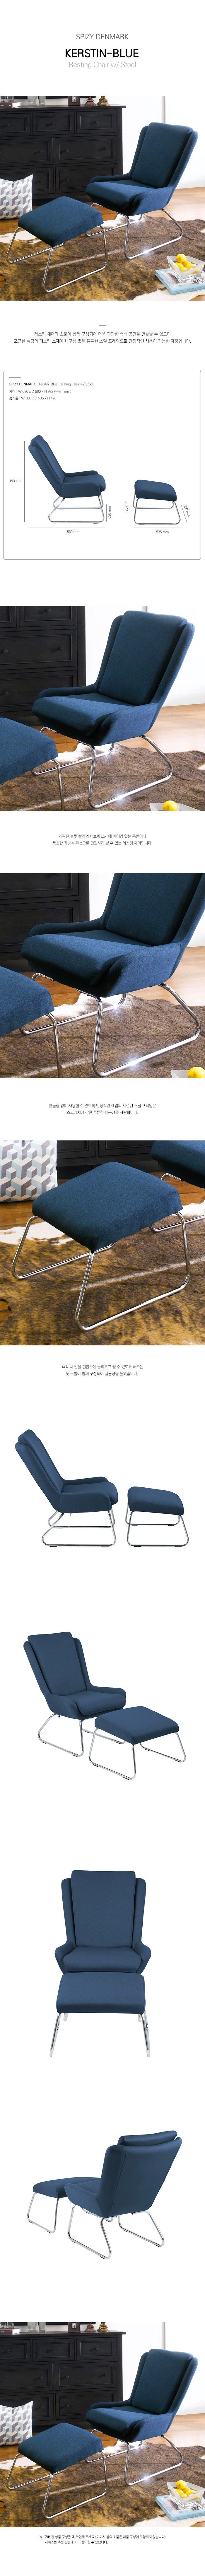 2_4_64696_Chair.jpg